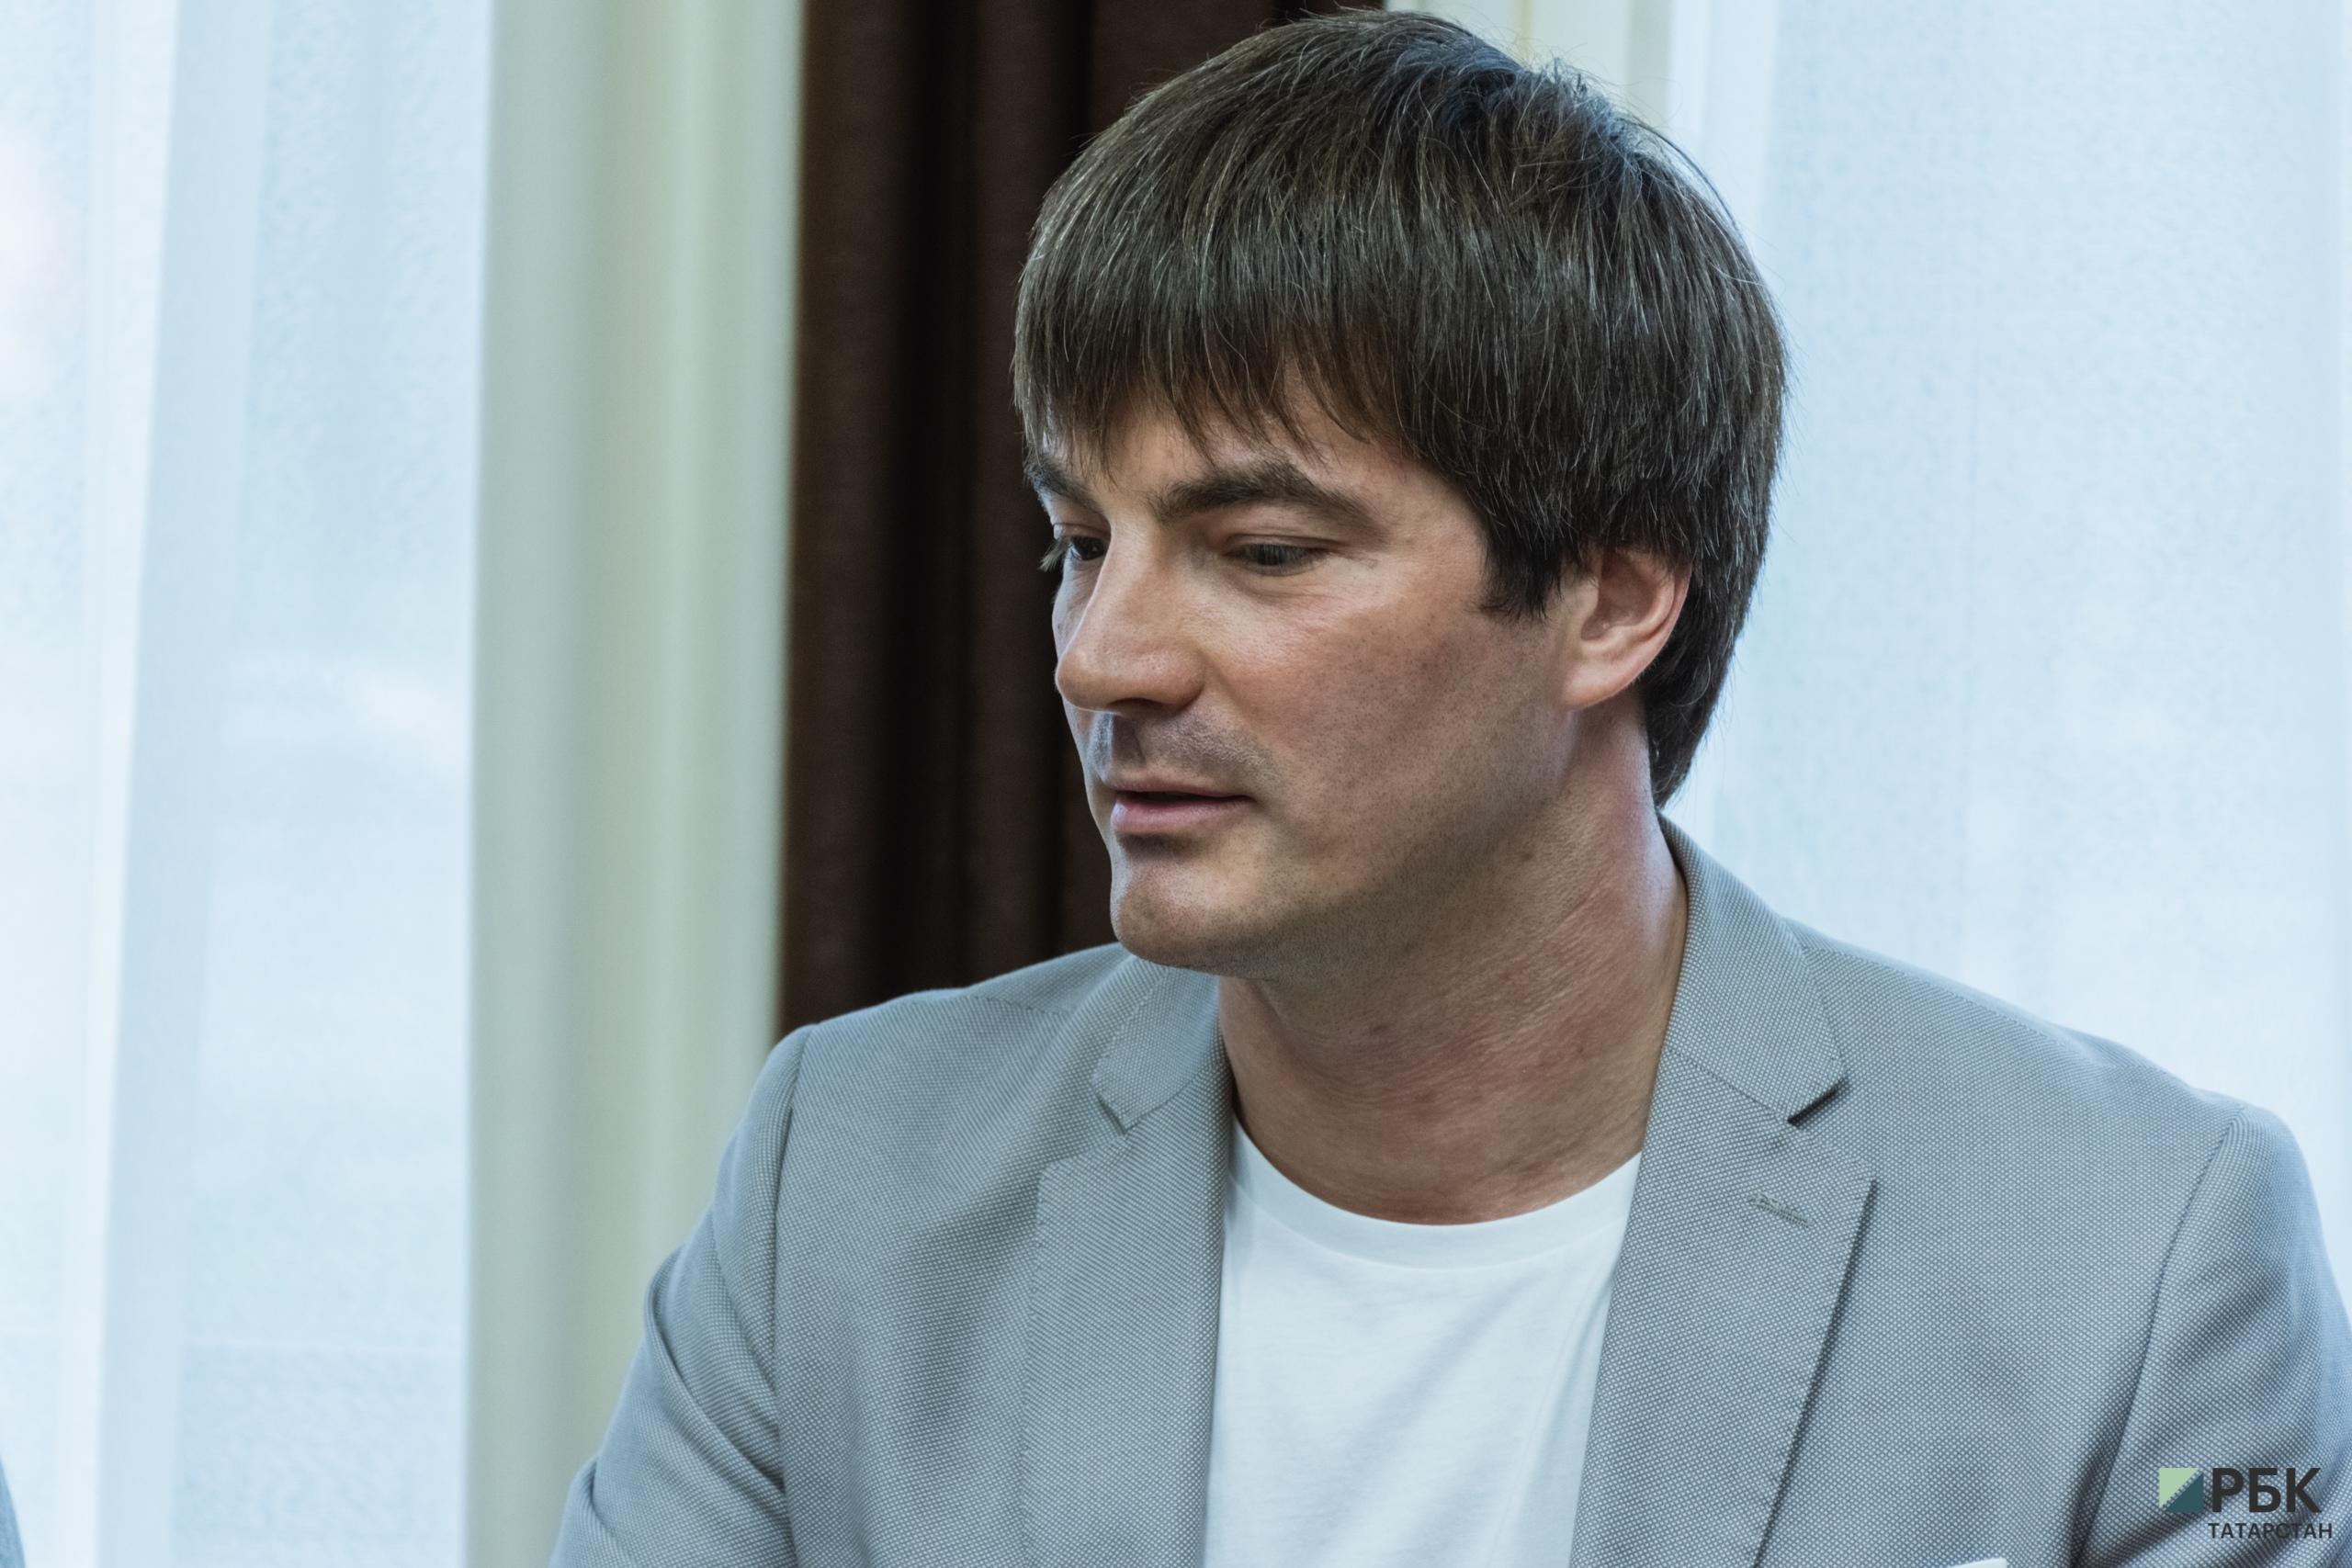 Тимур Гильмутдинов («Булочно-кондитерский комбинат»)